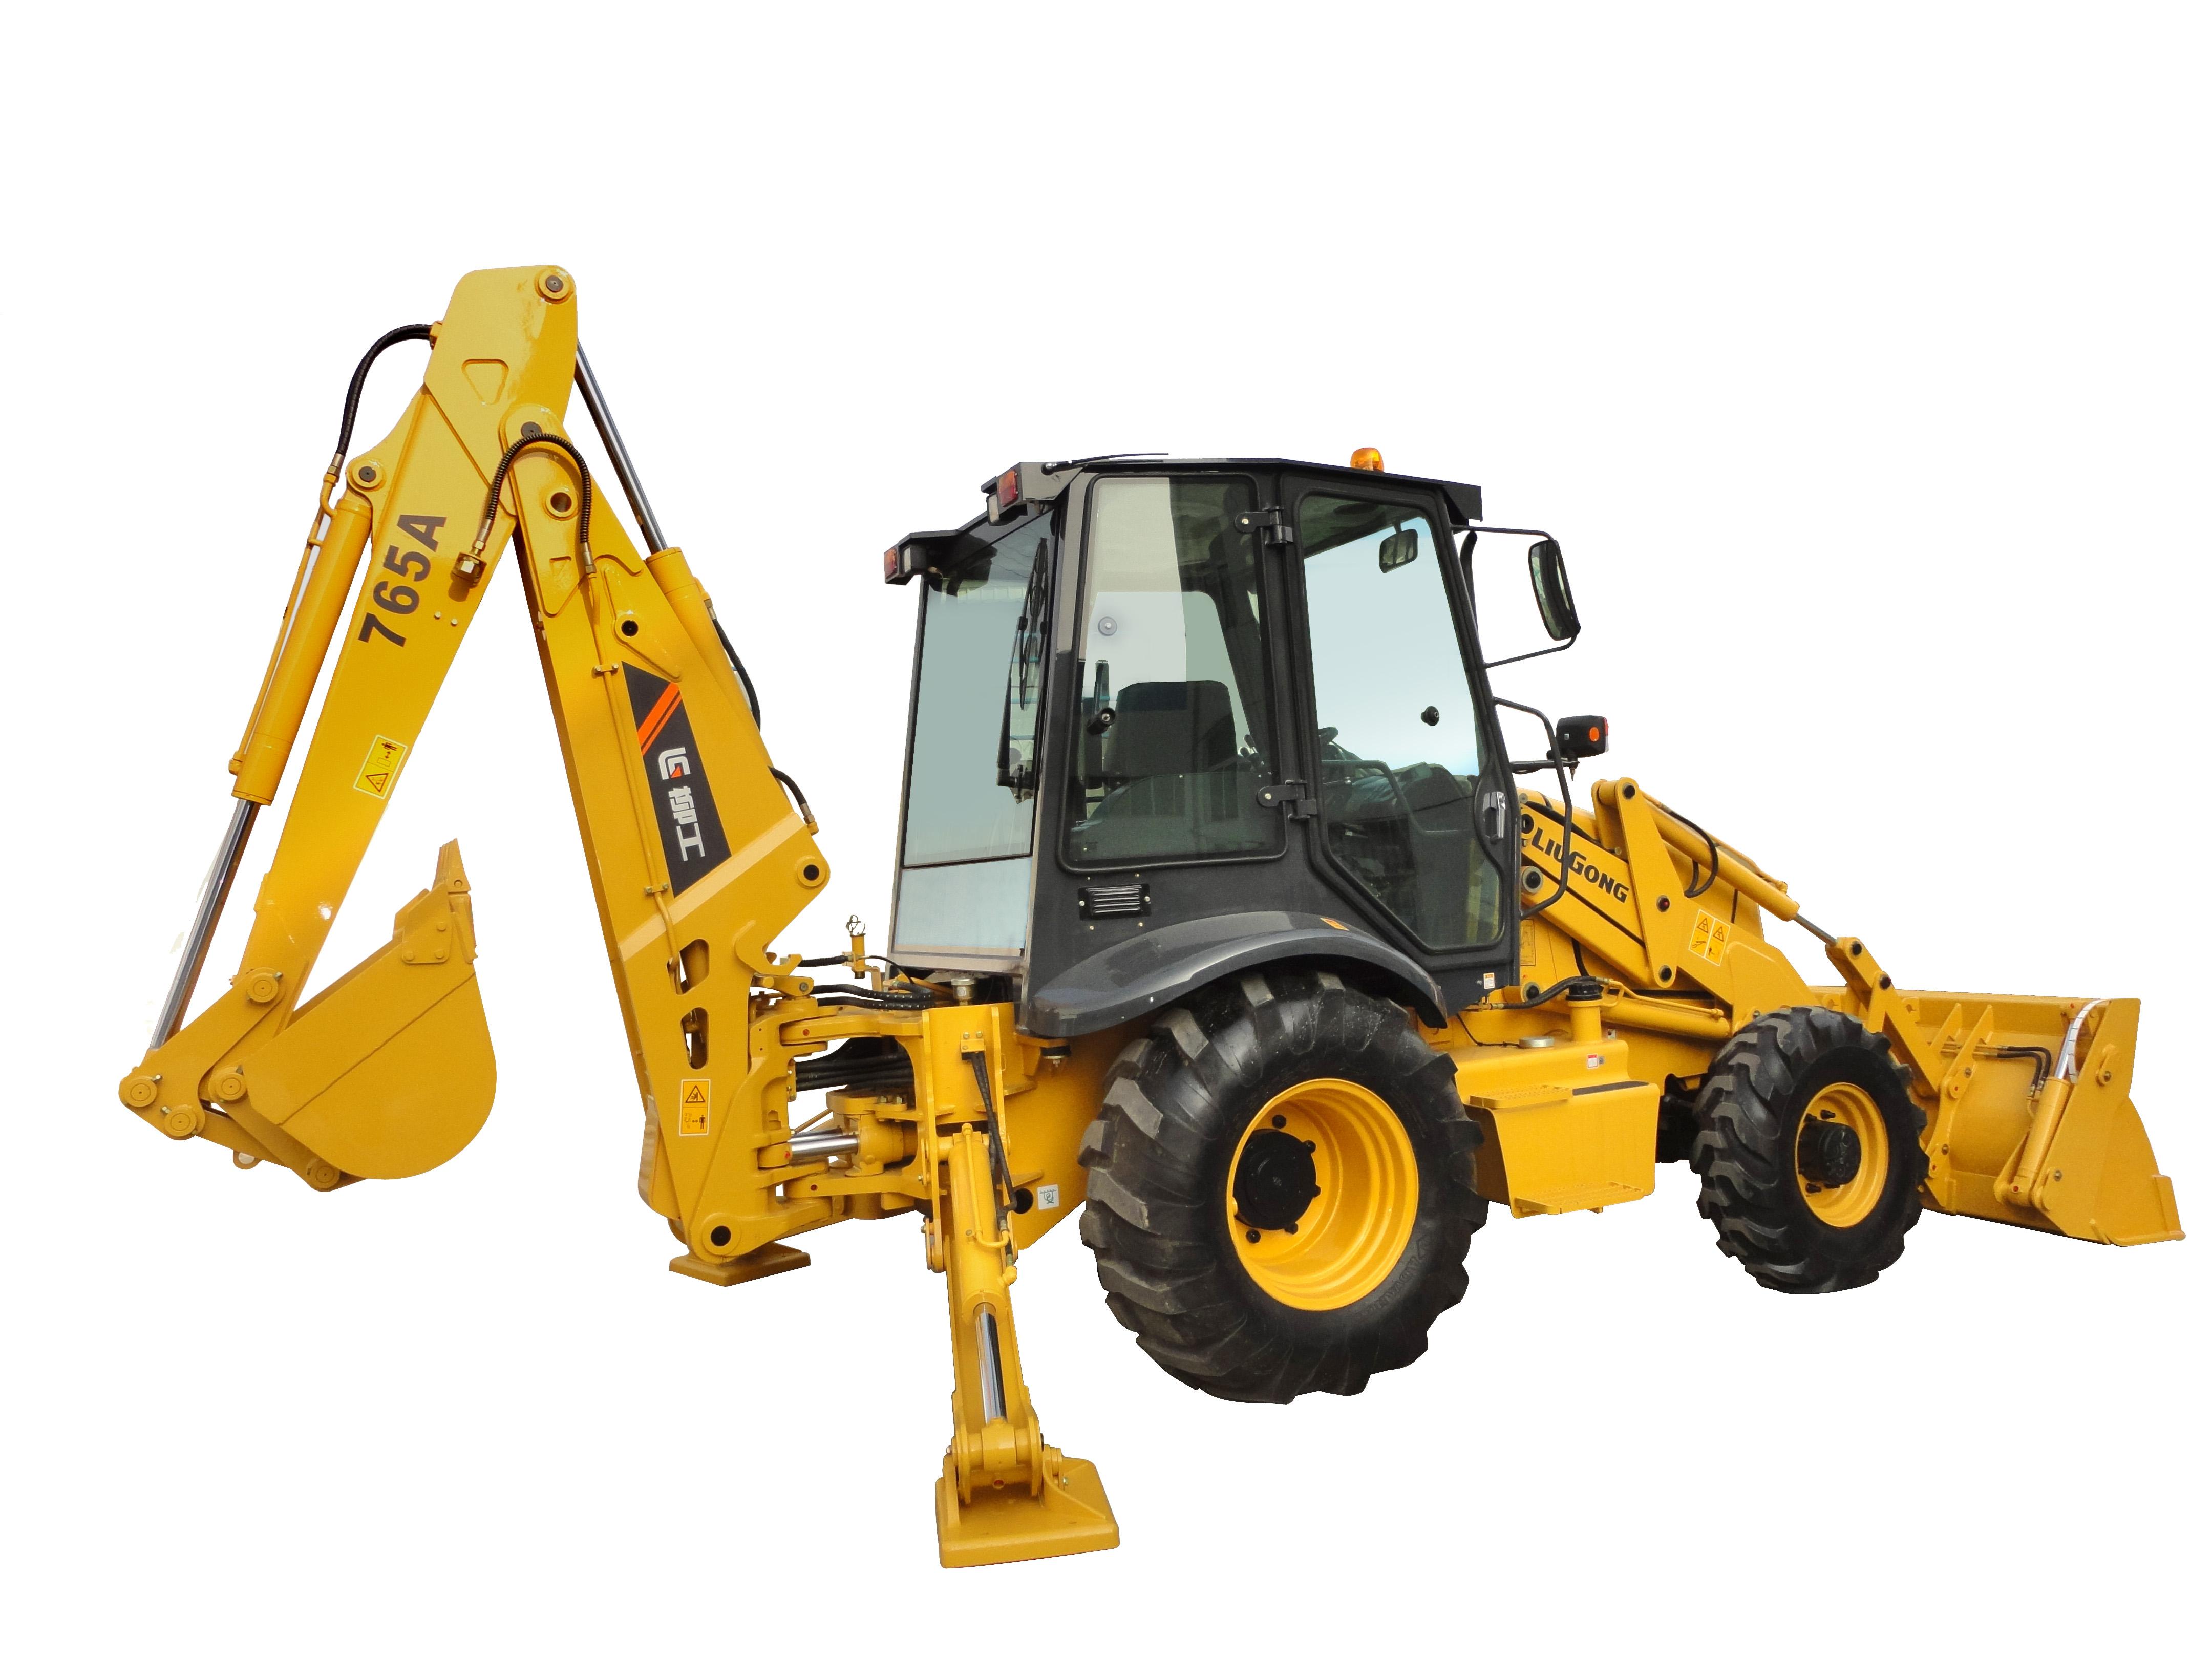 柳工CLG765A挖掘装载机高清图 - 外观